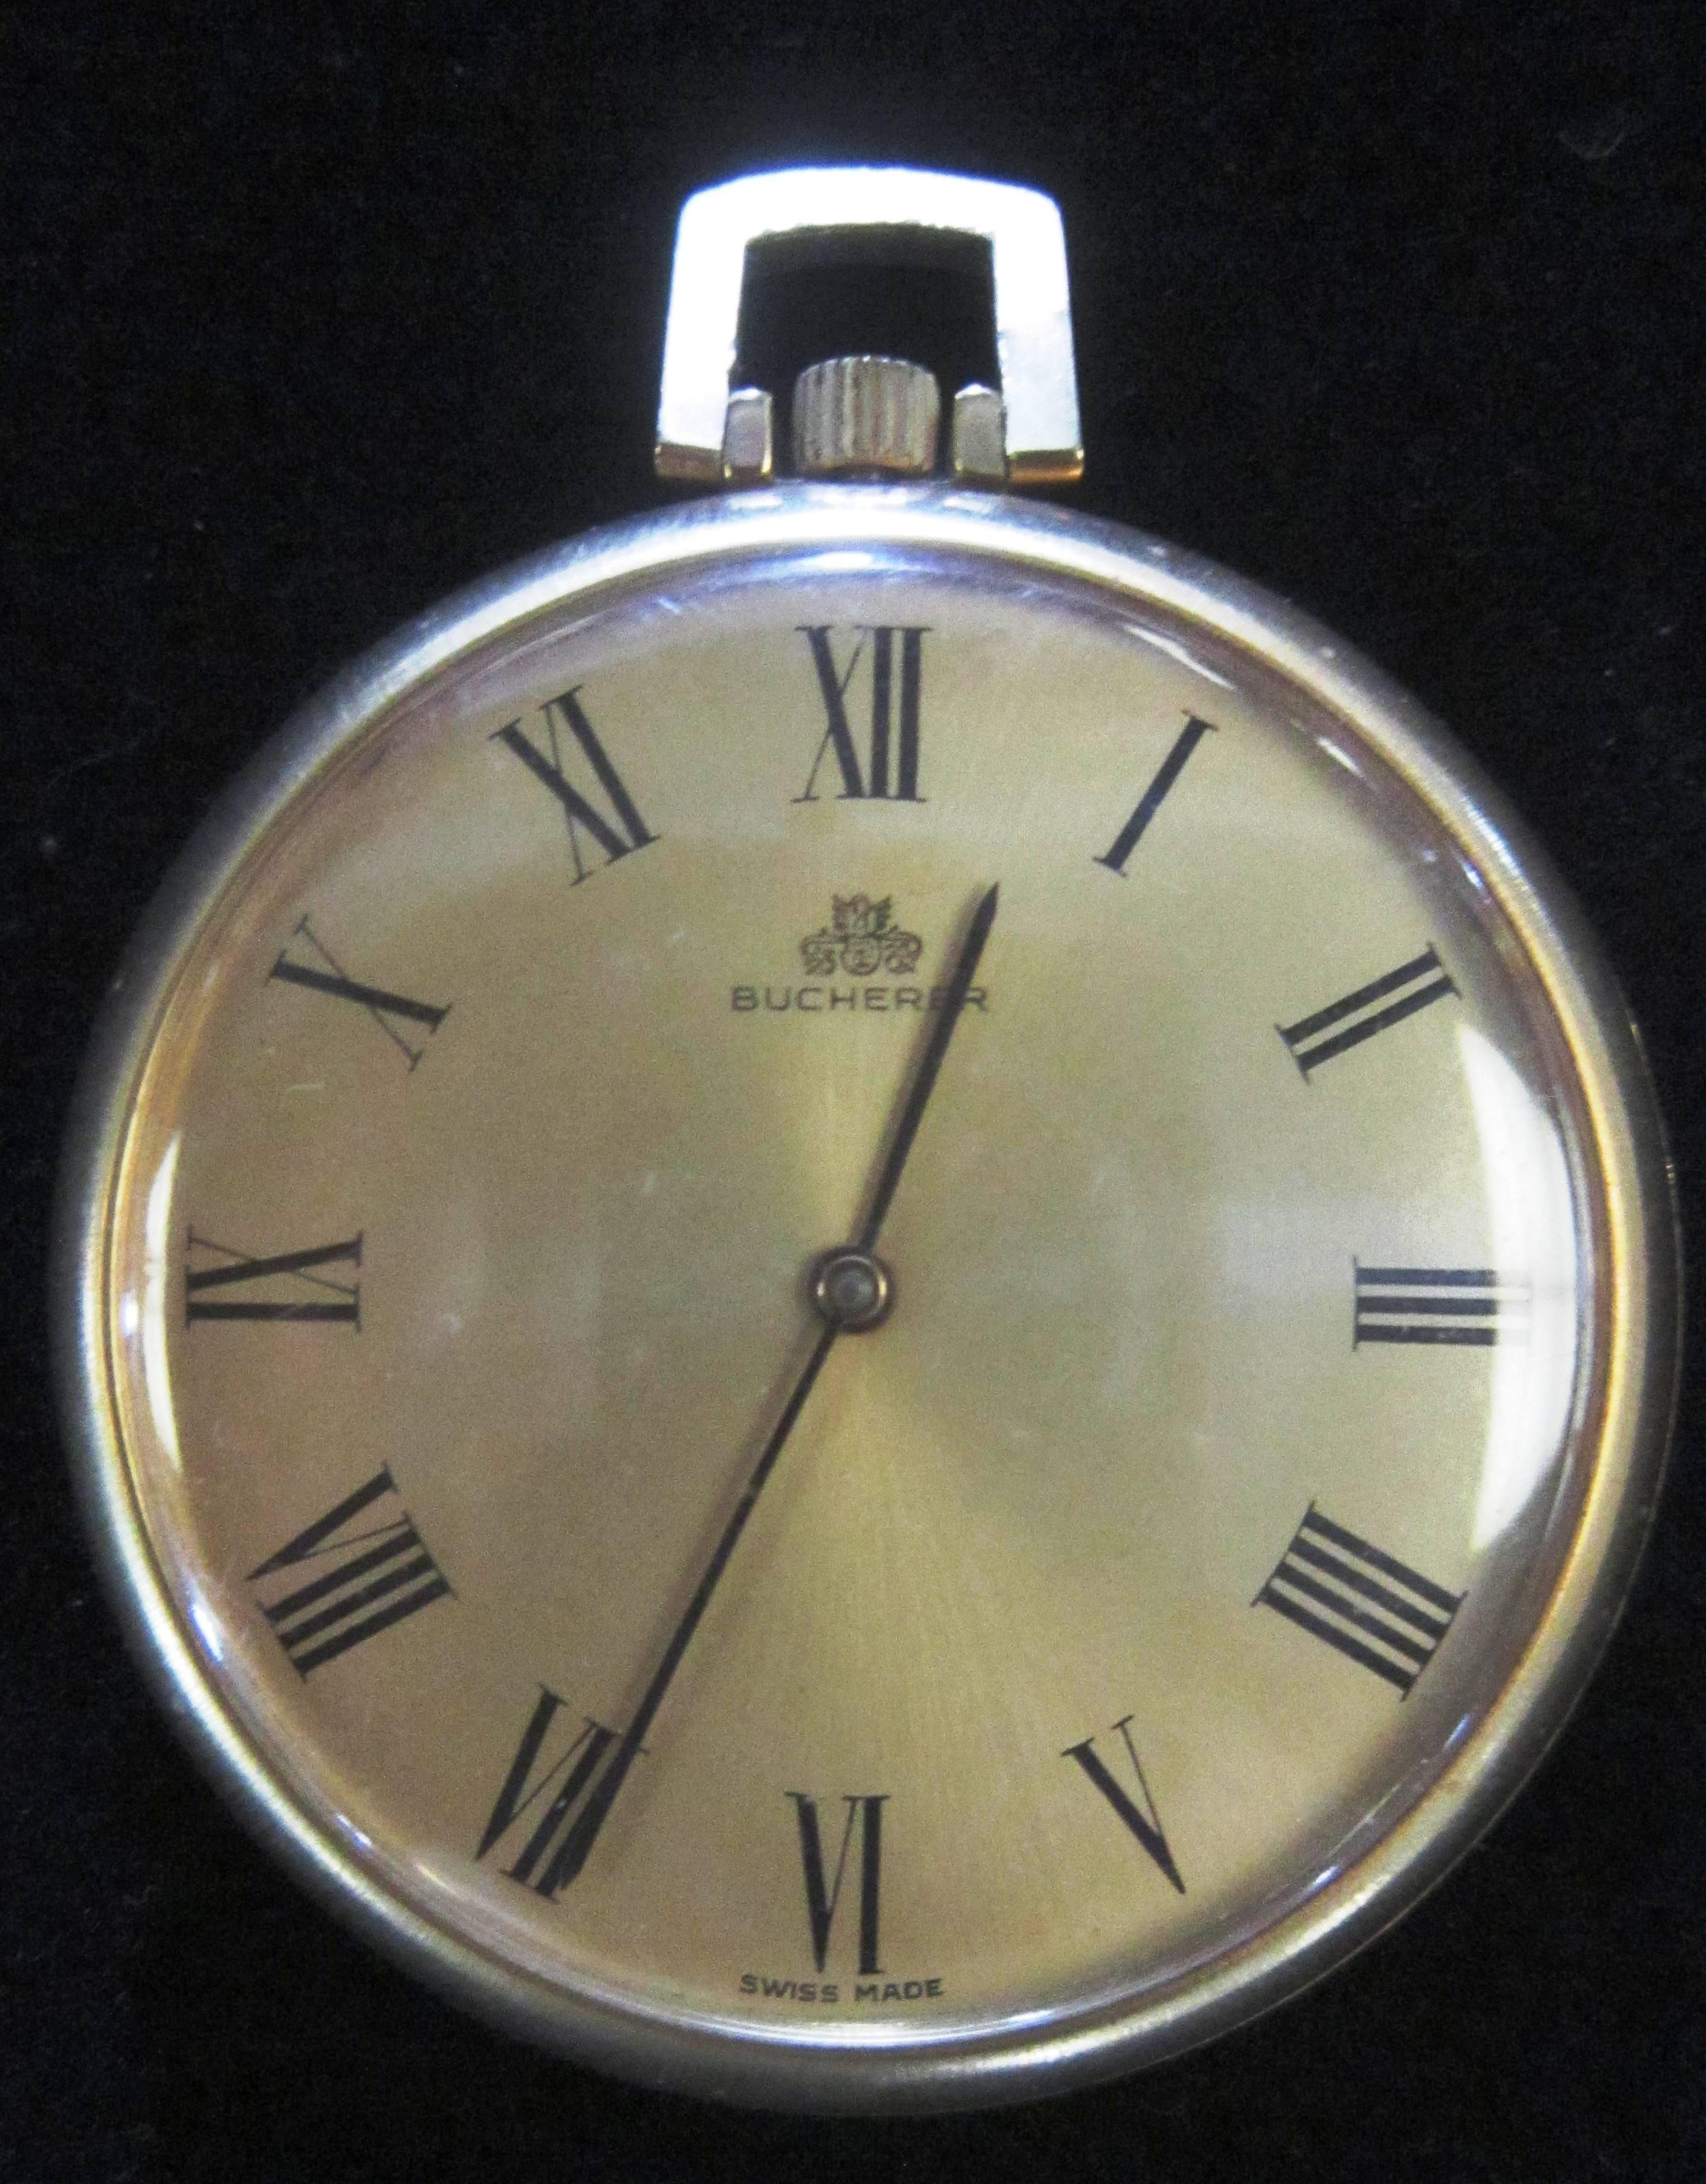 a5dfea717b4a Reloj de bolsillo fino de la casa Carl F. Bucherer 1970 dorado de 17 joyas  cuerda manual esfera de 43mm x 7mm de profundidad en muy buenas condiciones  ...